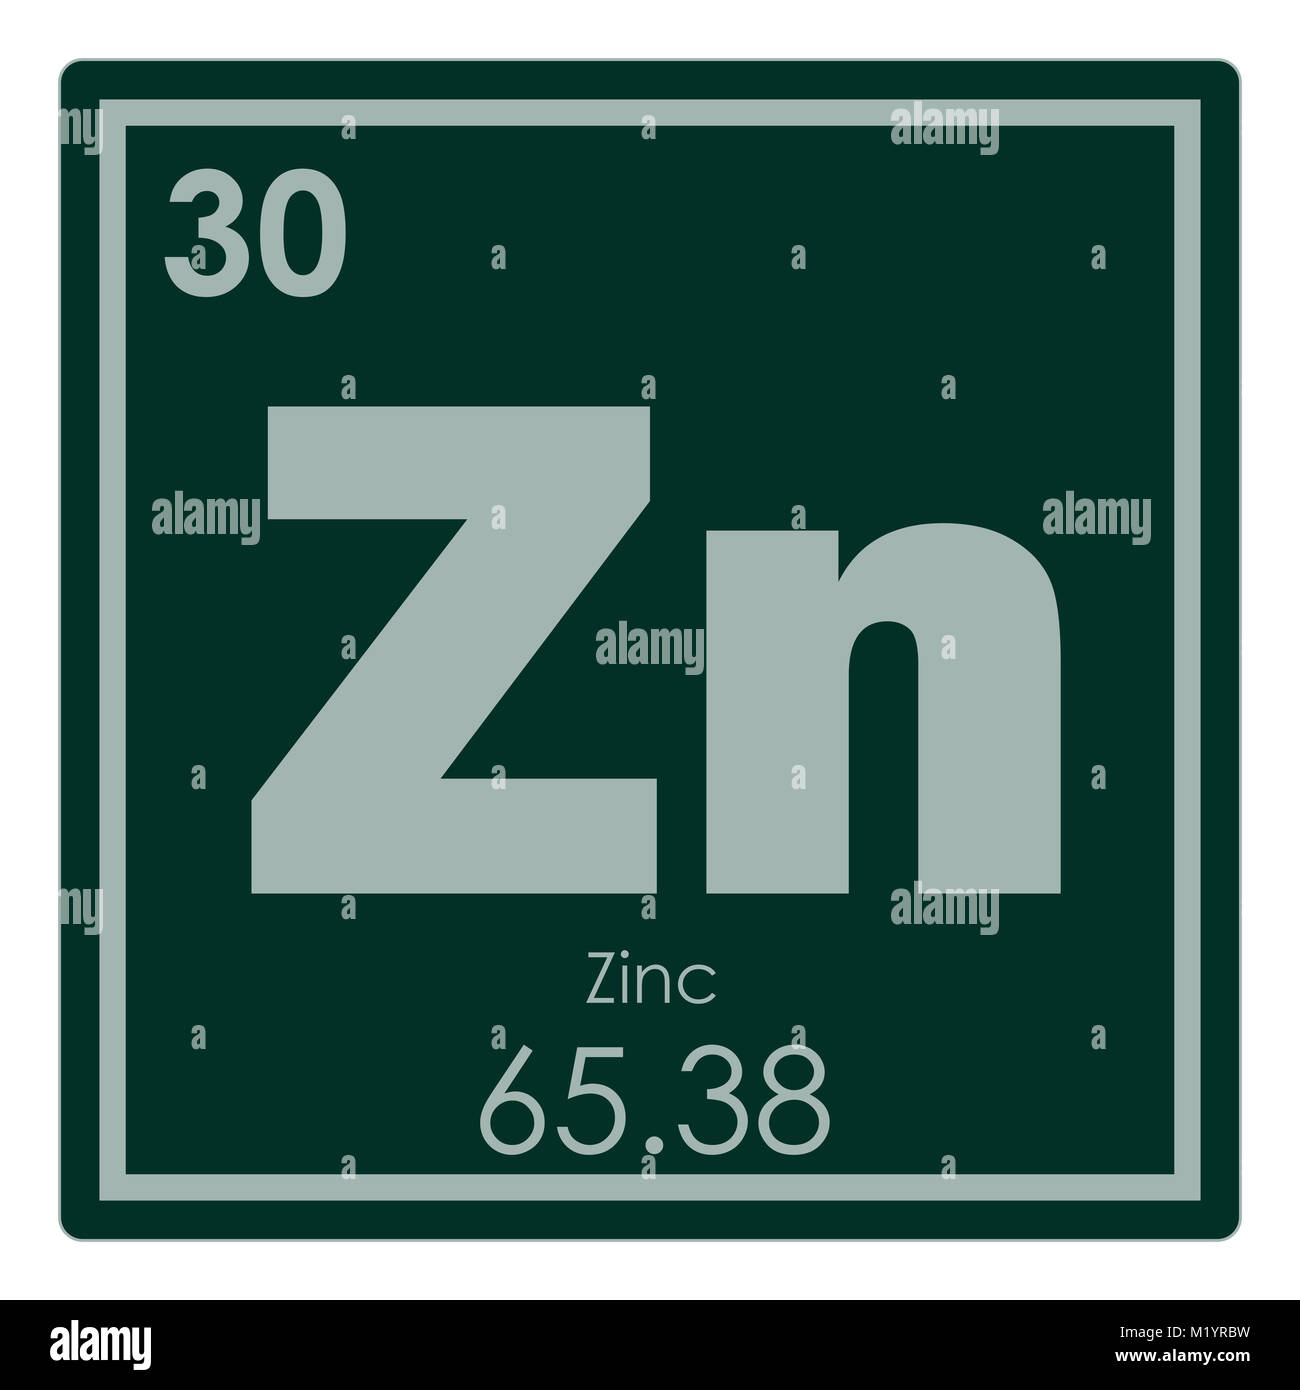 Tabla peridica de elementos qumicos de cinc smbolo de ciencia tabla peridica de elementos qumicos de cinc smbolo de ciencia urtaz Image collections